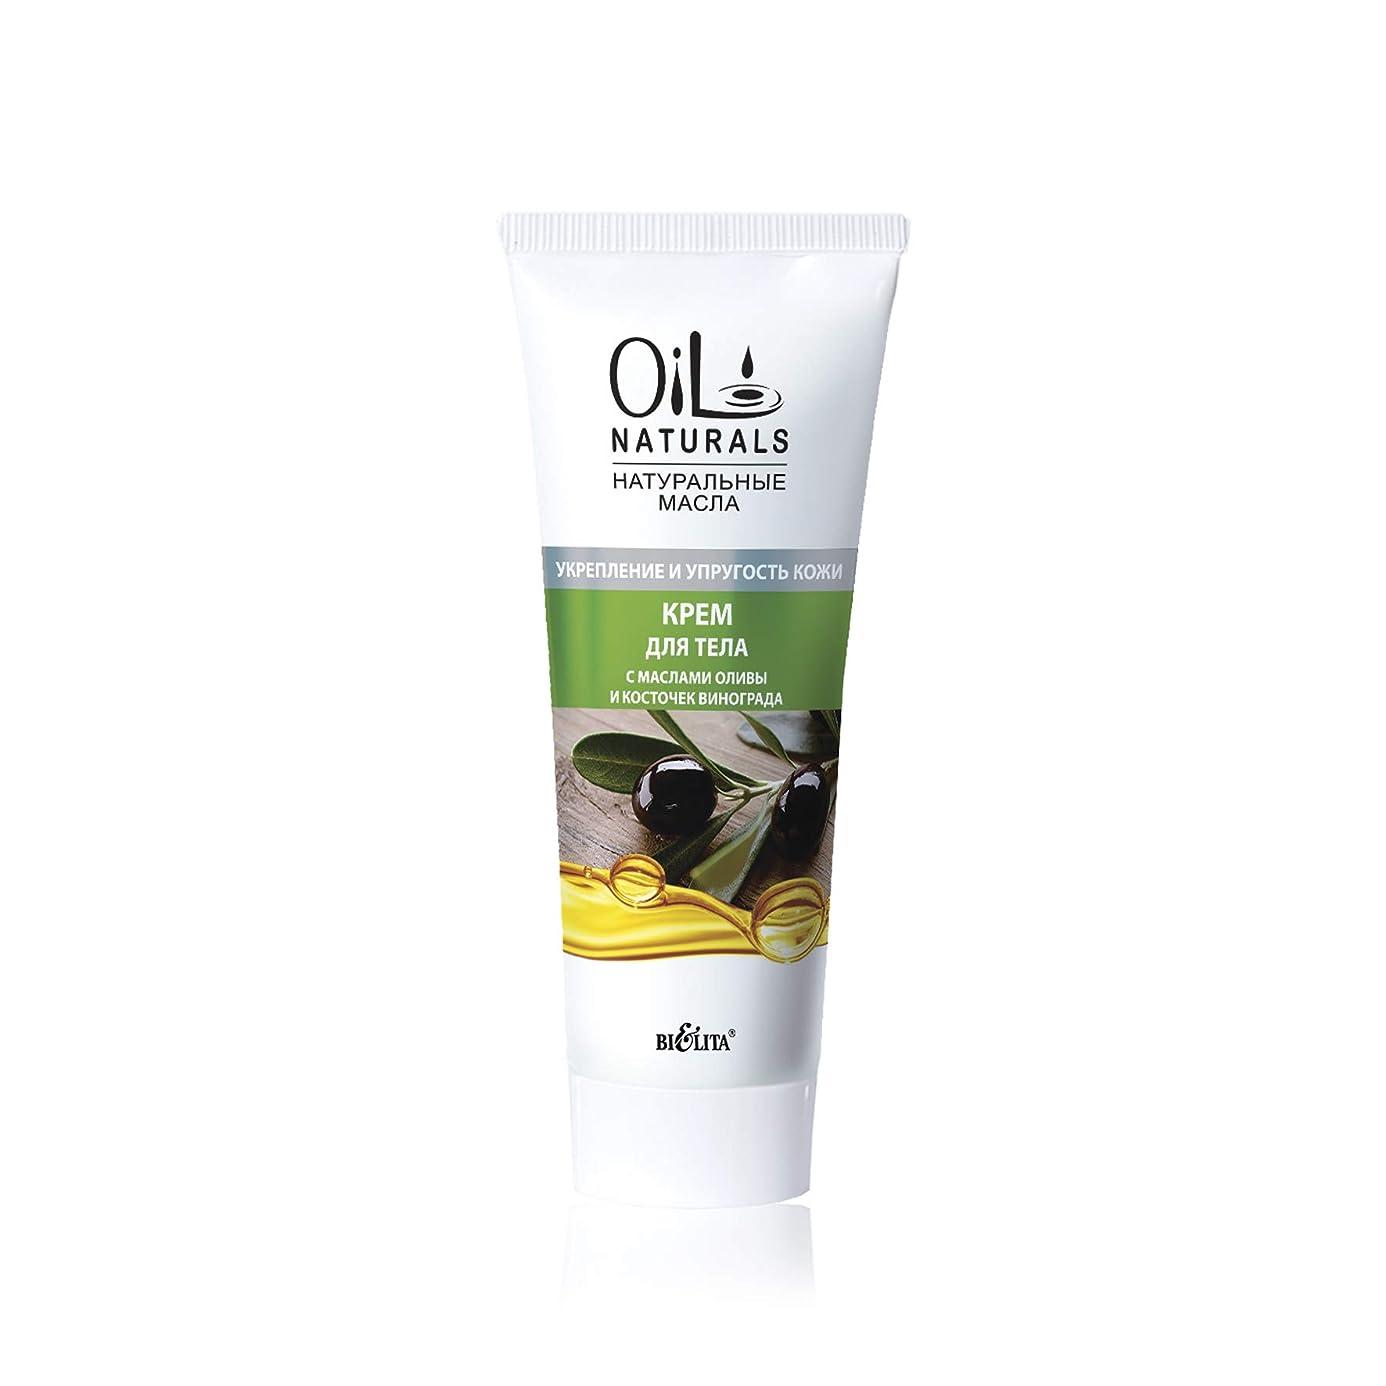 振る舞い協会一般的にBielita & Vitex | Oil Naturals Line | Skin Firming & Moisturizing Body Cream, 200 ml | Olive Oil, Silk Proteins, Grape Seed Oil, Shea Butter, Ginger, Vitamins